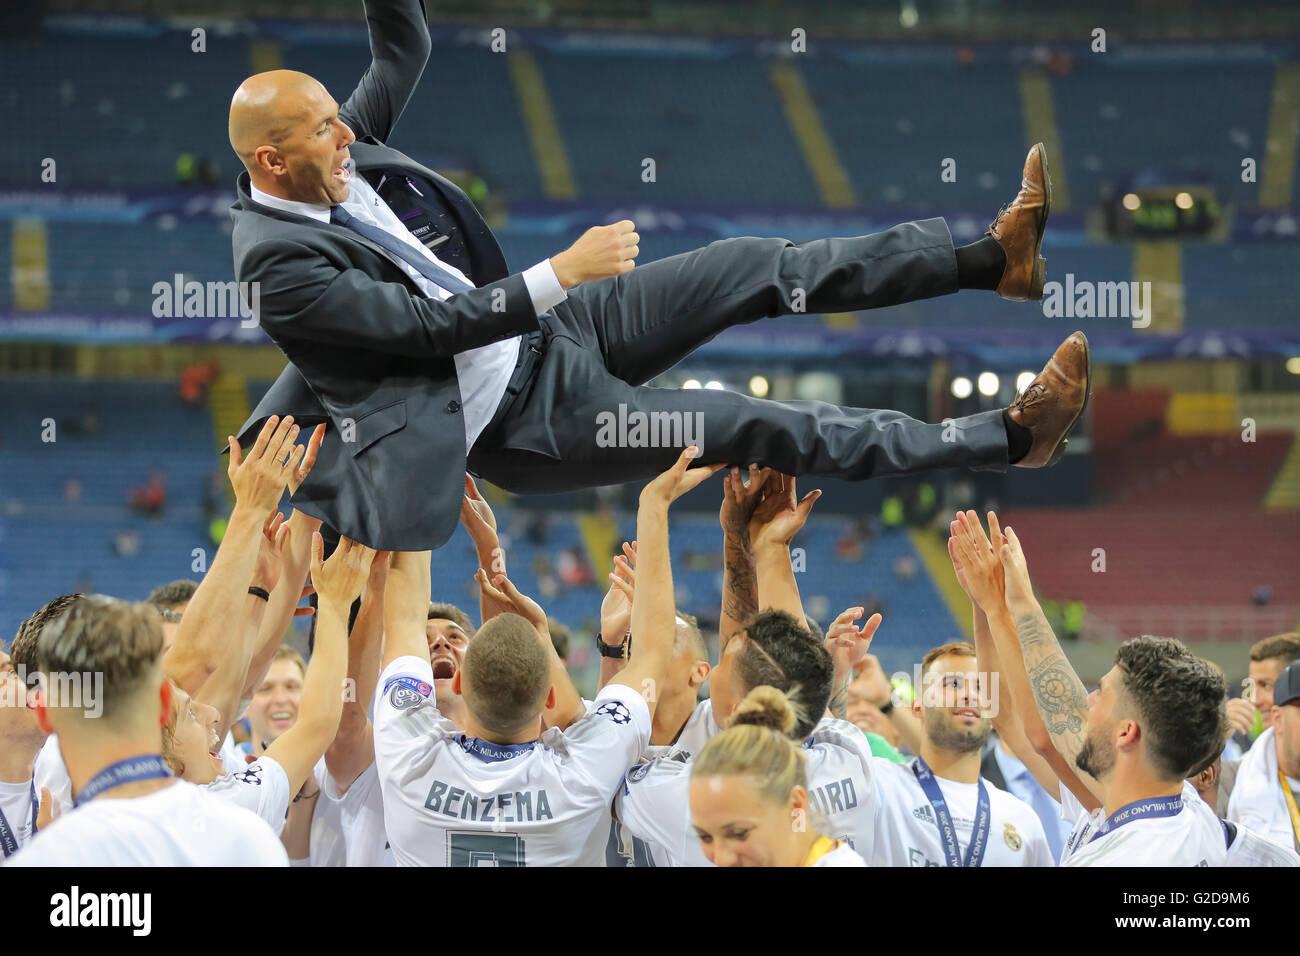 Milano, Italia. 28 Maggio, 2016. Zinedine Zidane, Trainer Real Madrid gettato dalla sua squadra Champions League Immagini Stock